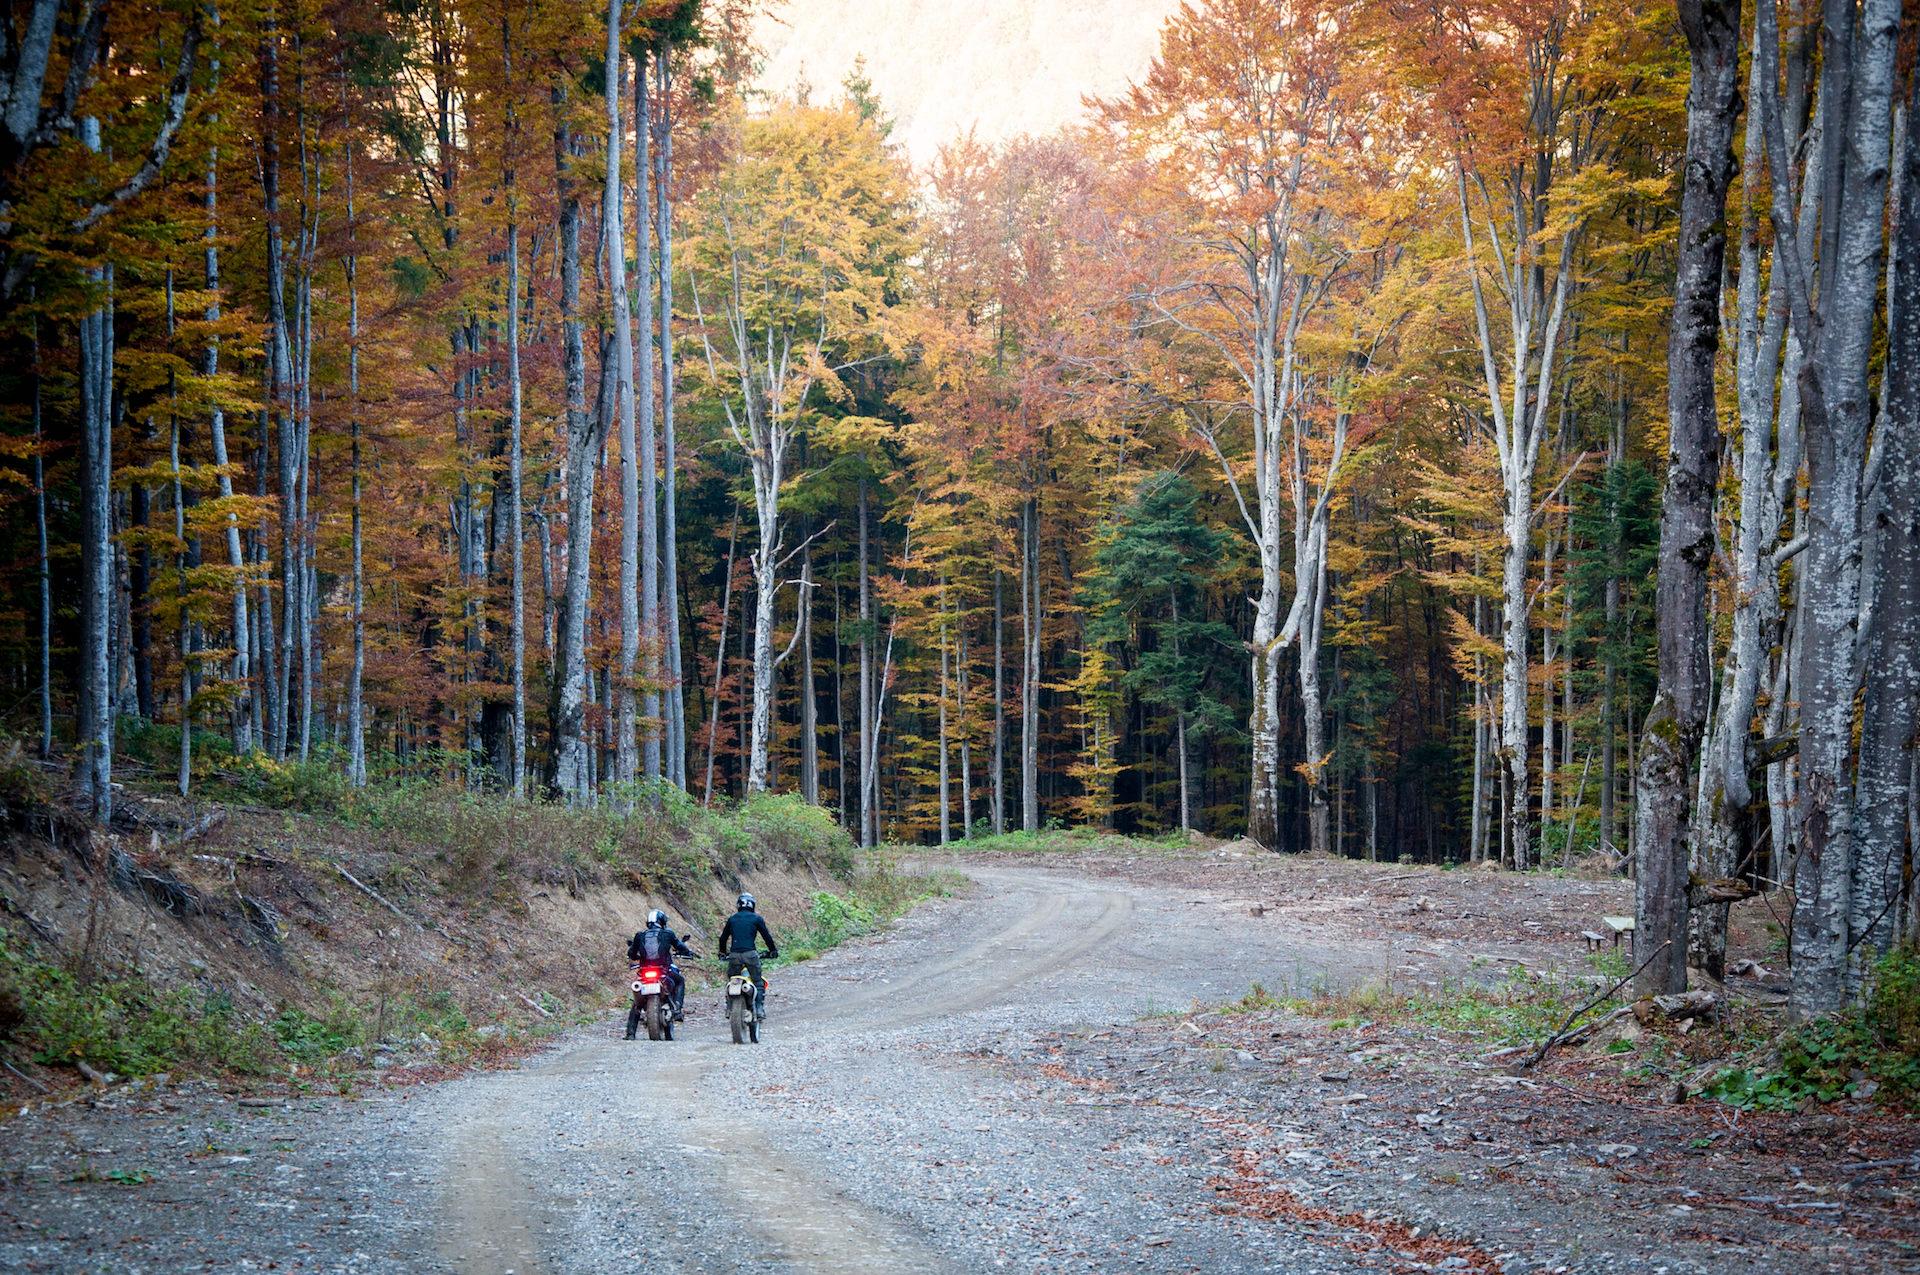 Fall, Foliage, Motorcycle